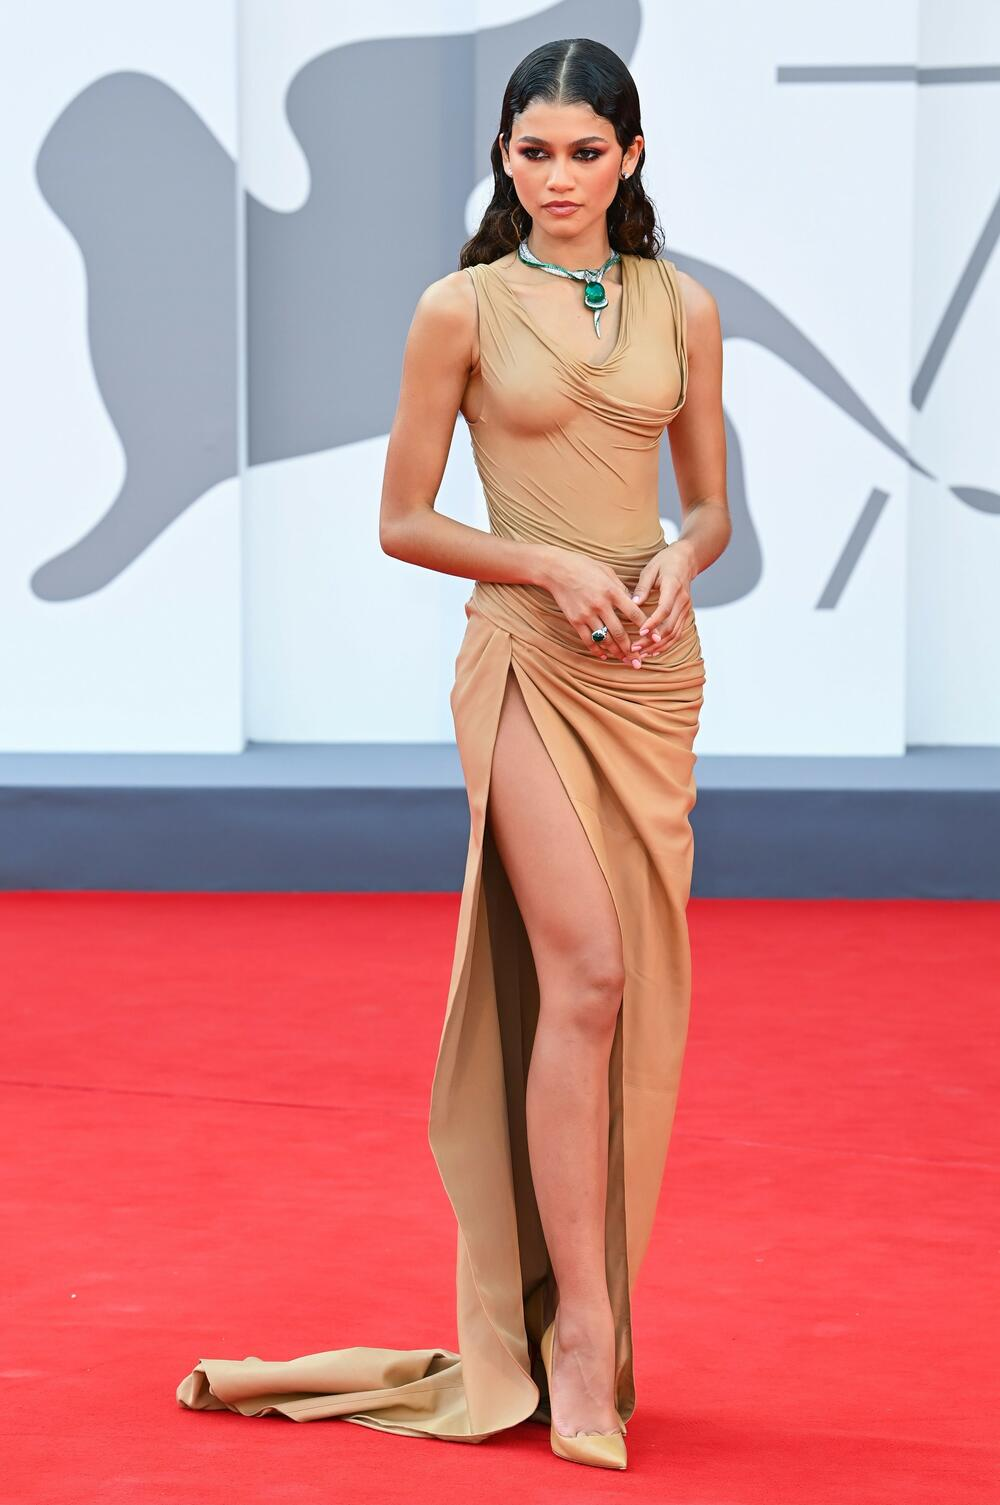 <p>Na78. Filmskom festivalu u Veneciji će ostati upamćena kaodramska umetnica sa potencijalom i posebnom harizmom.</p>